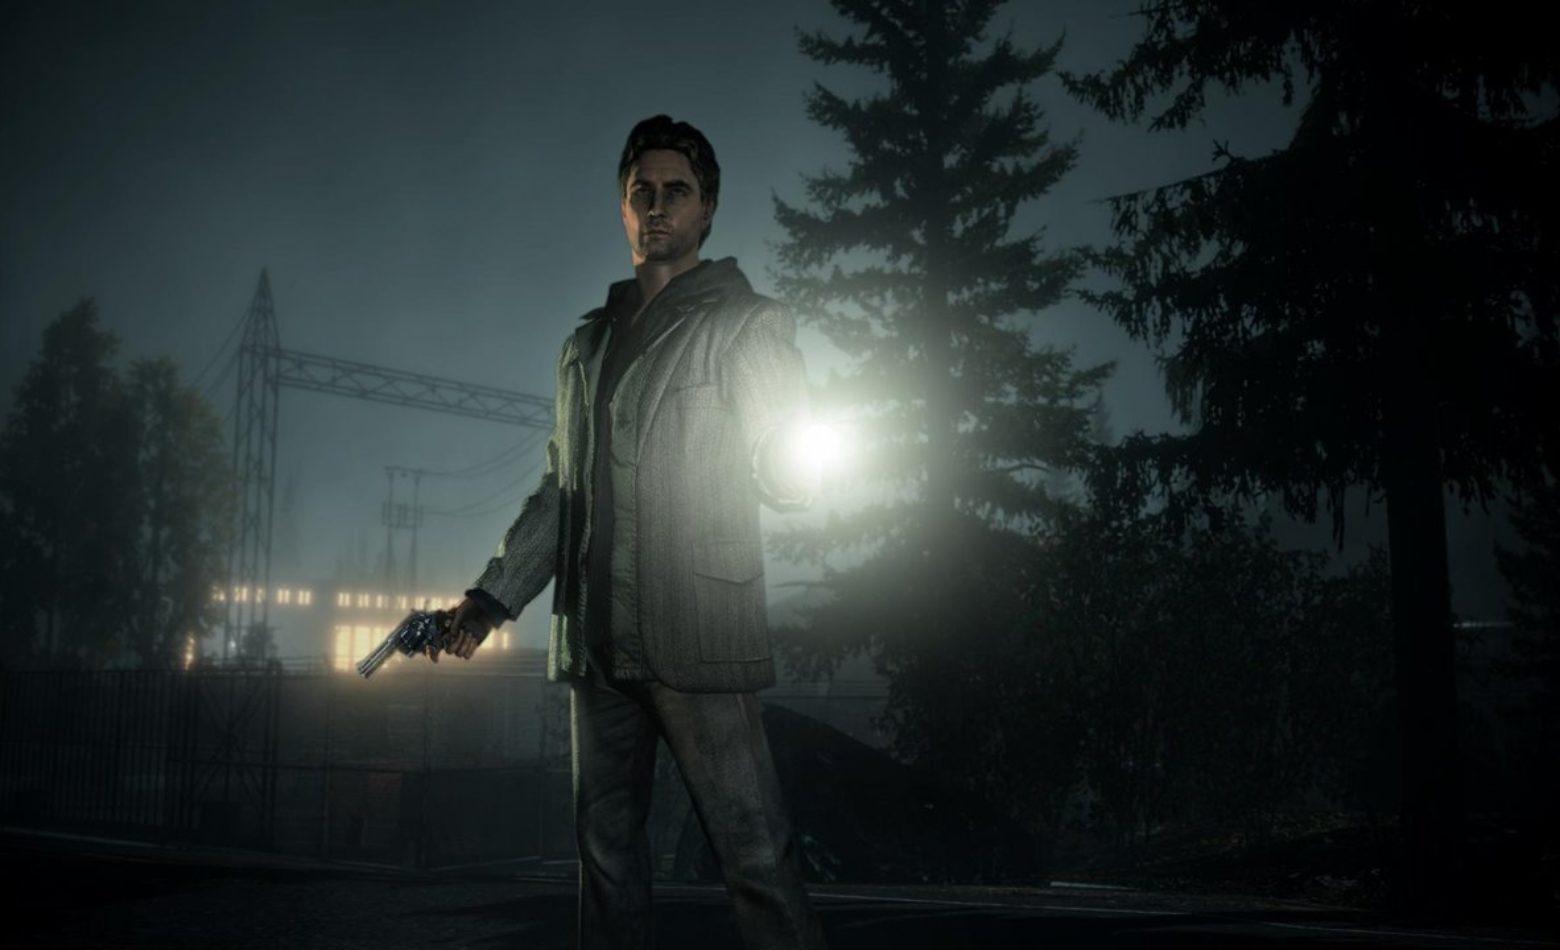 Alan Wake no confronto final com a escuridão [Gameplay]